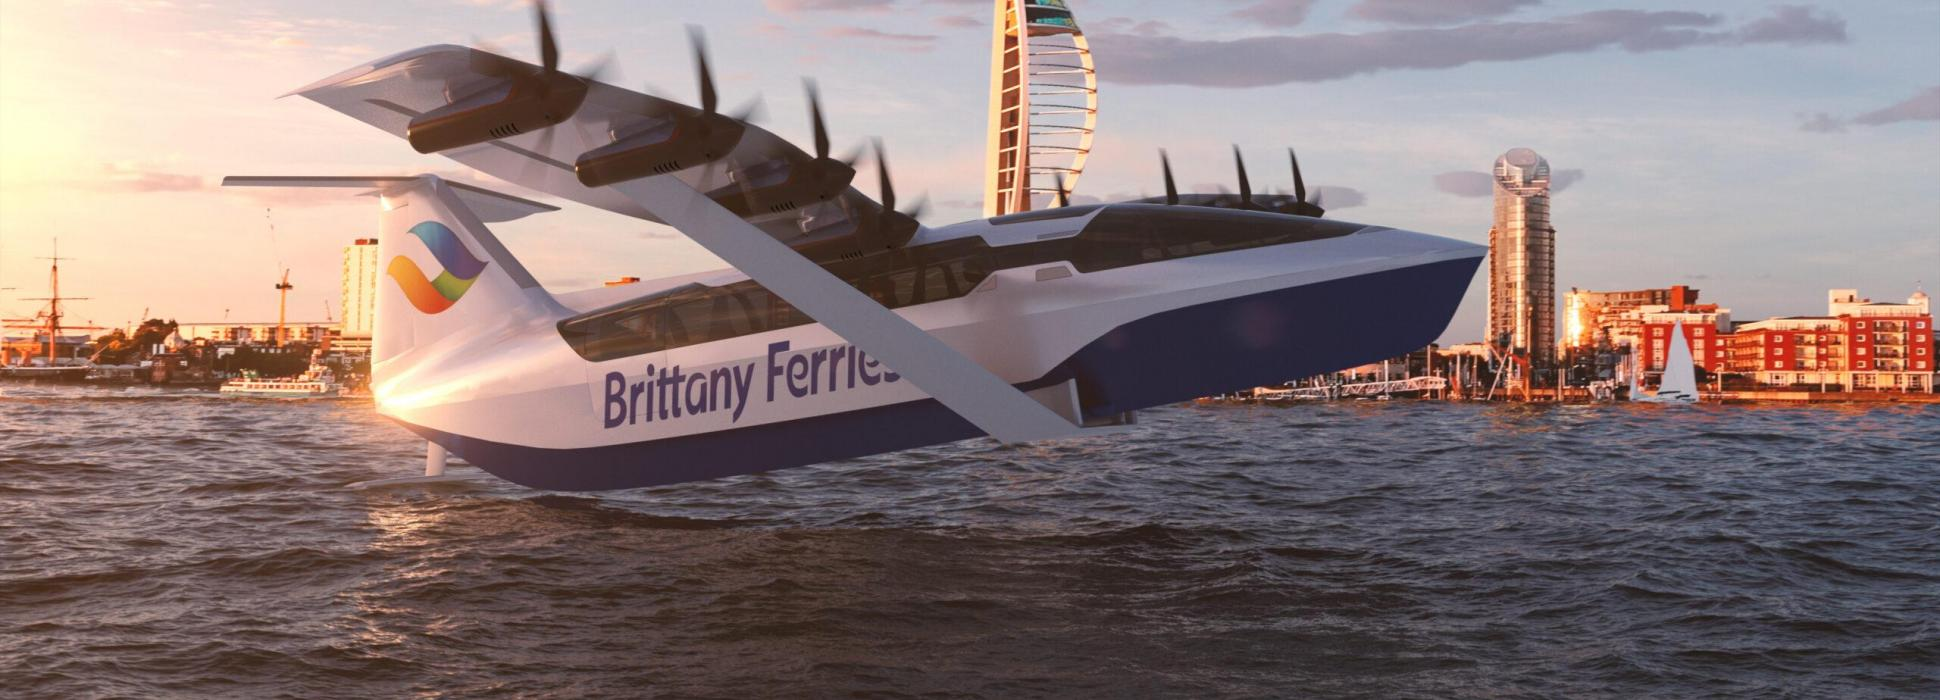 Brittany Ferries souhaite exploiter des bateaux volants à l'horizon 2025